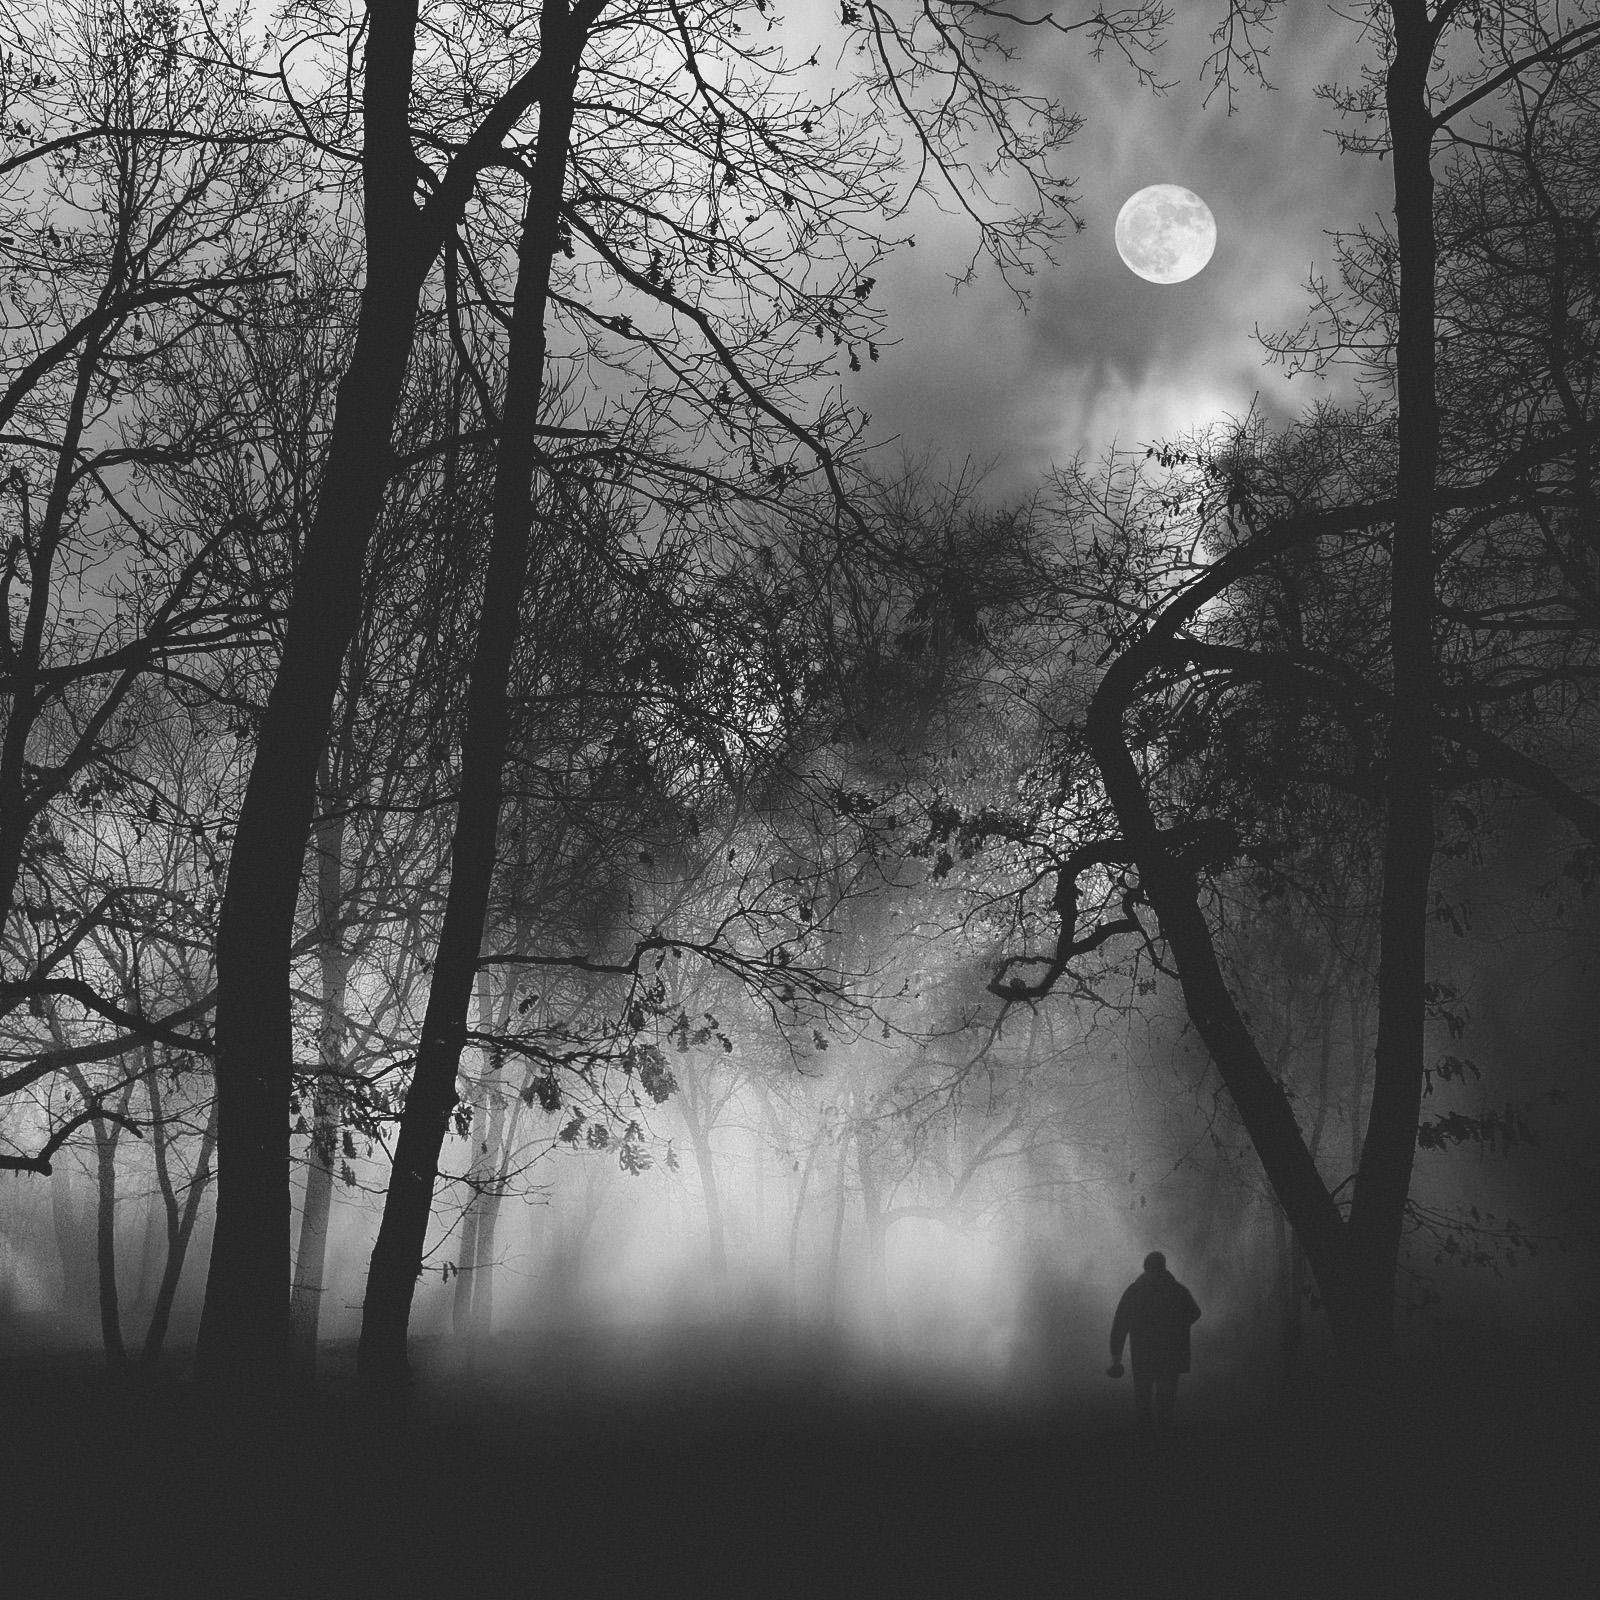 into-the-fog-3.jpg